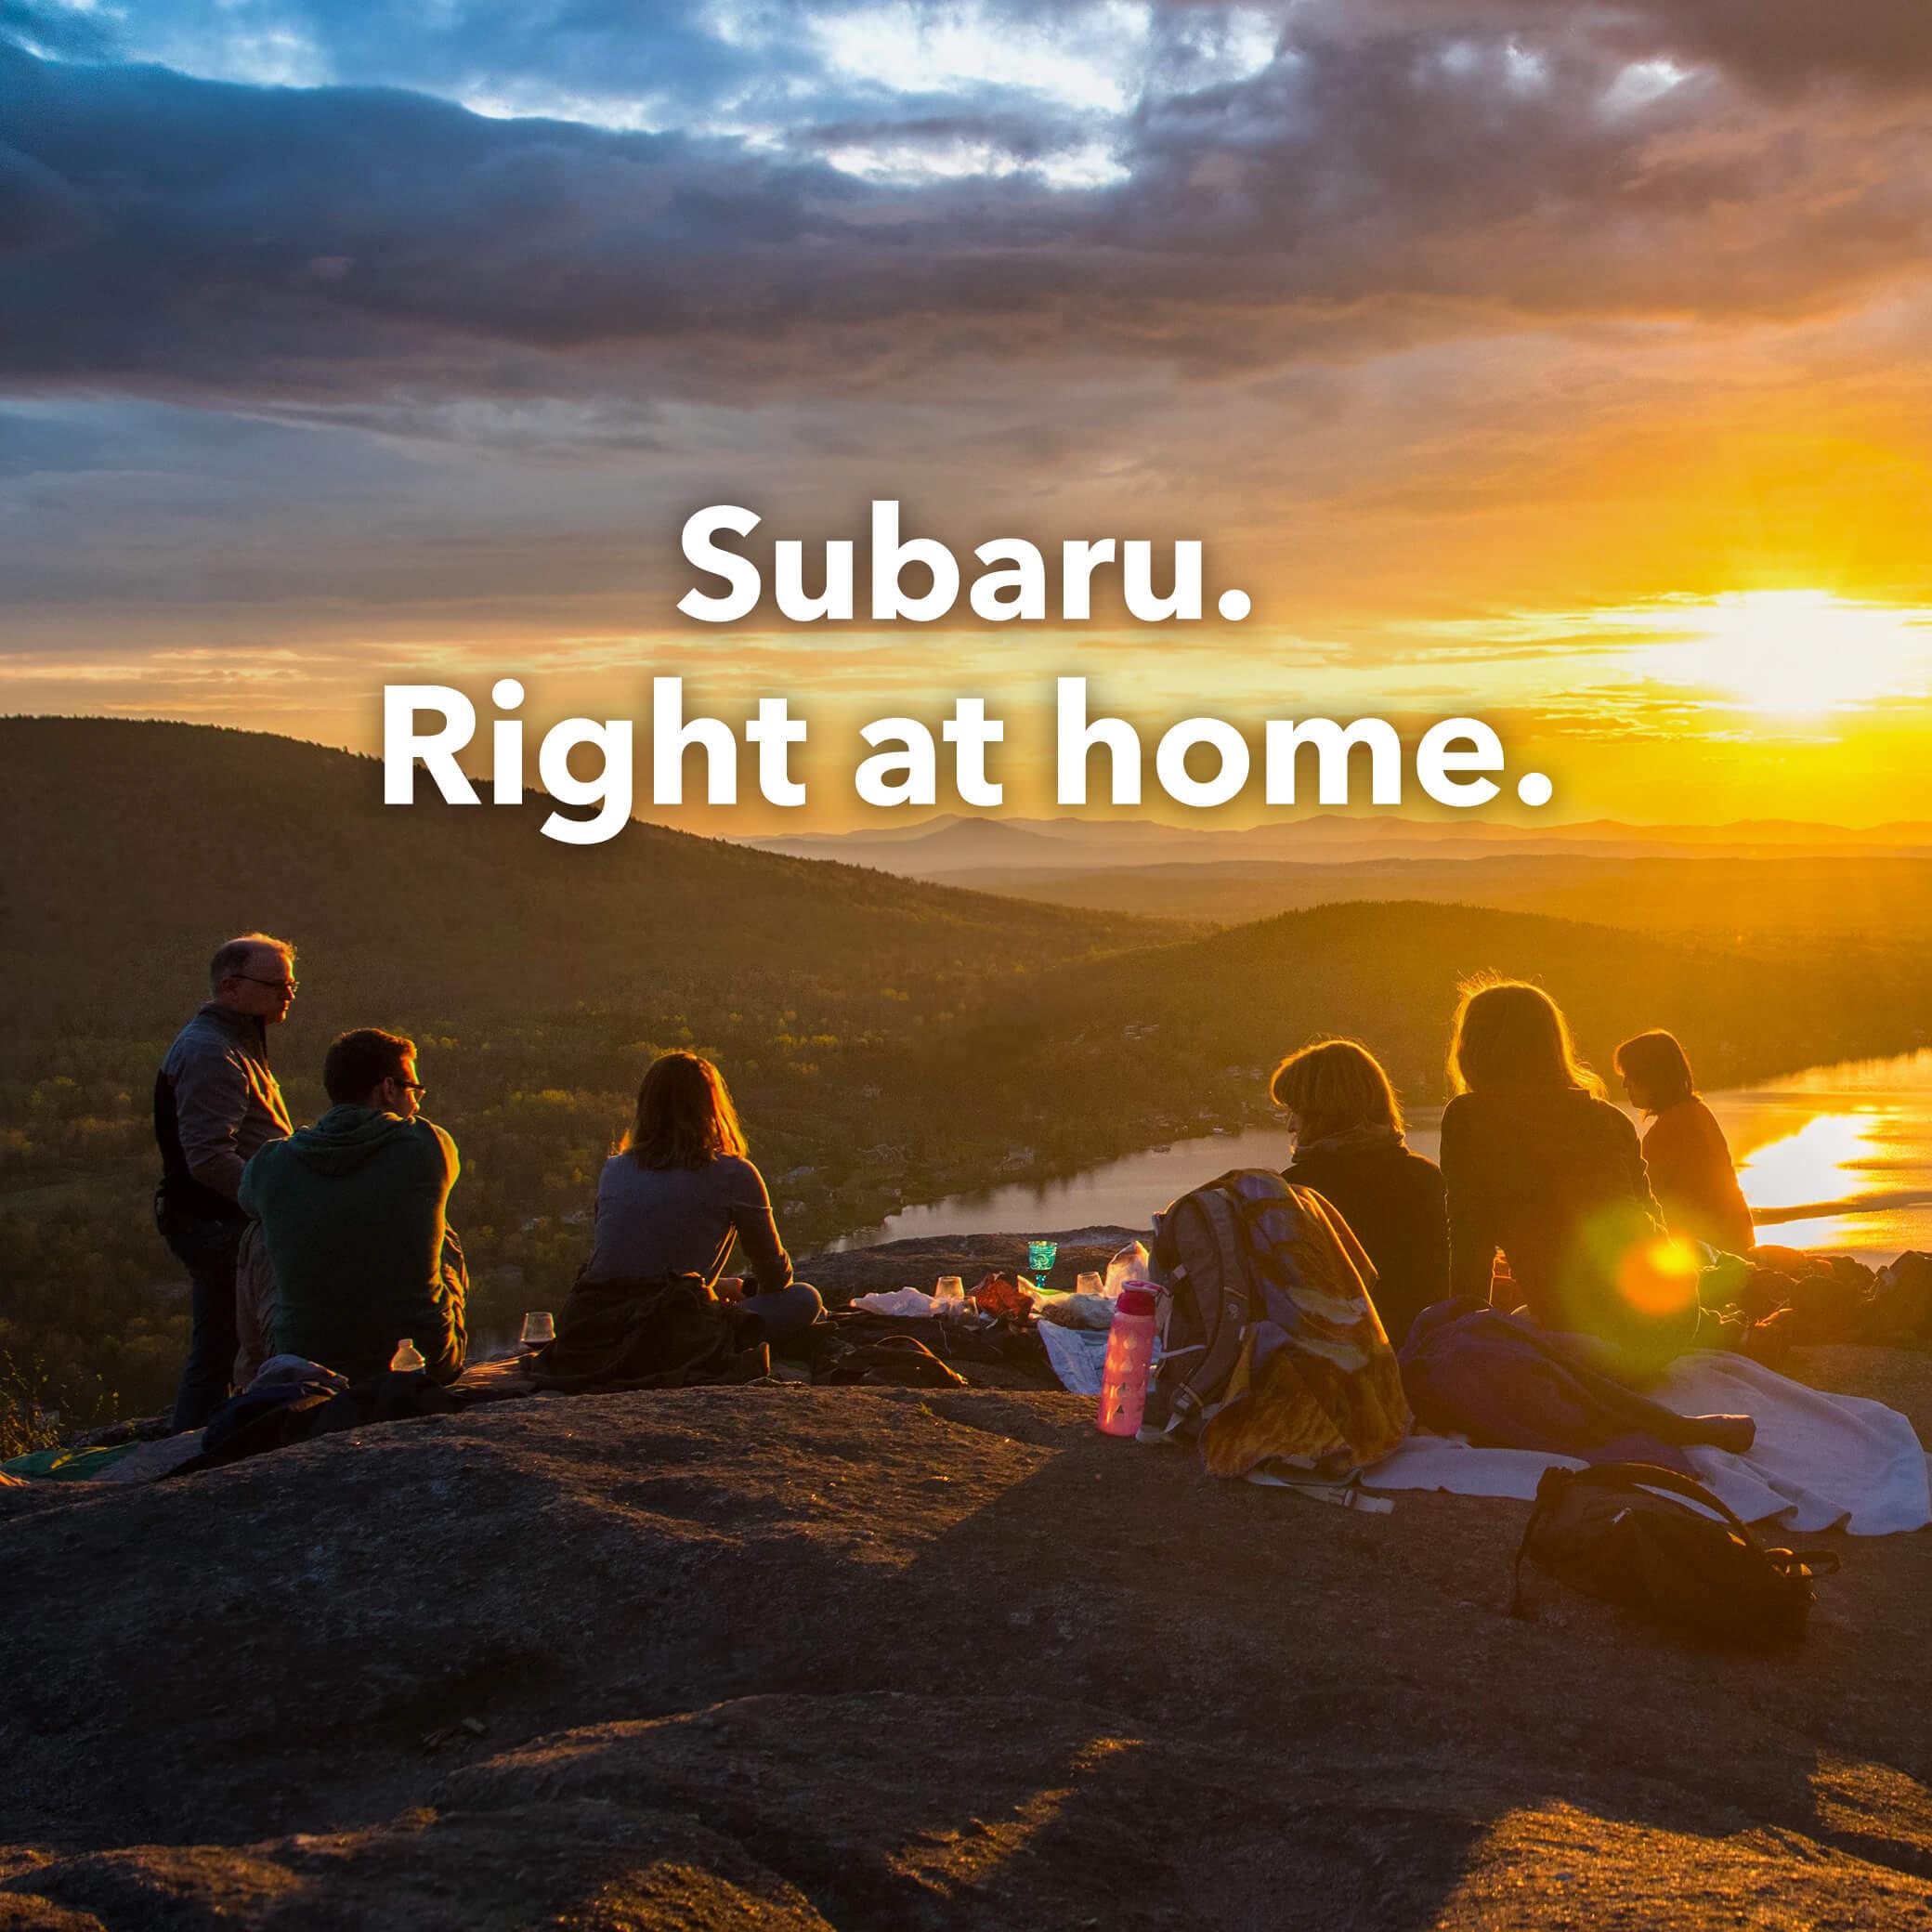 Subaru. Right at home.